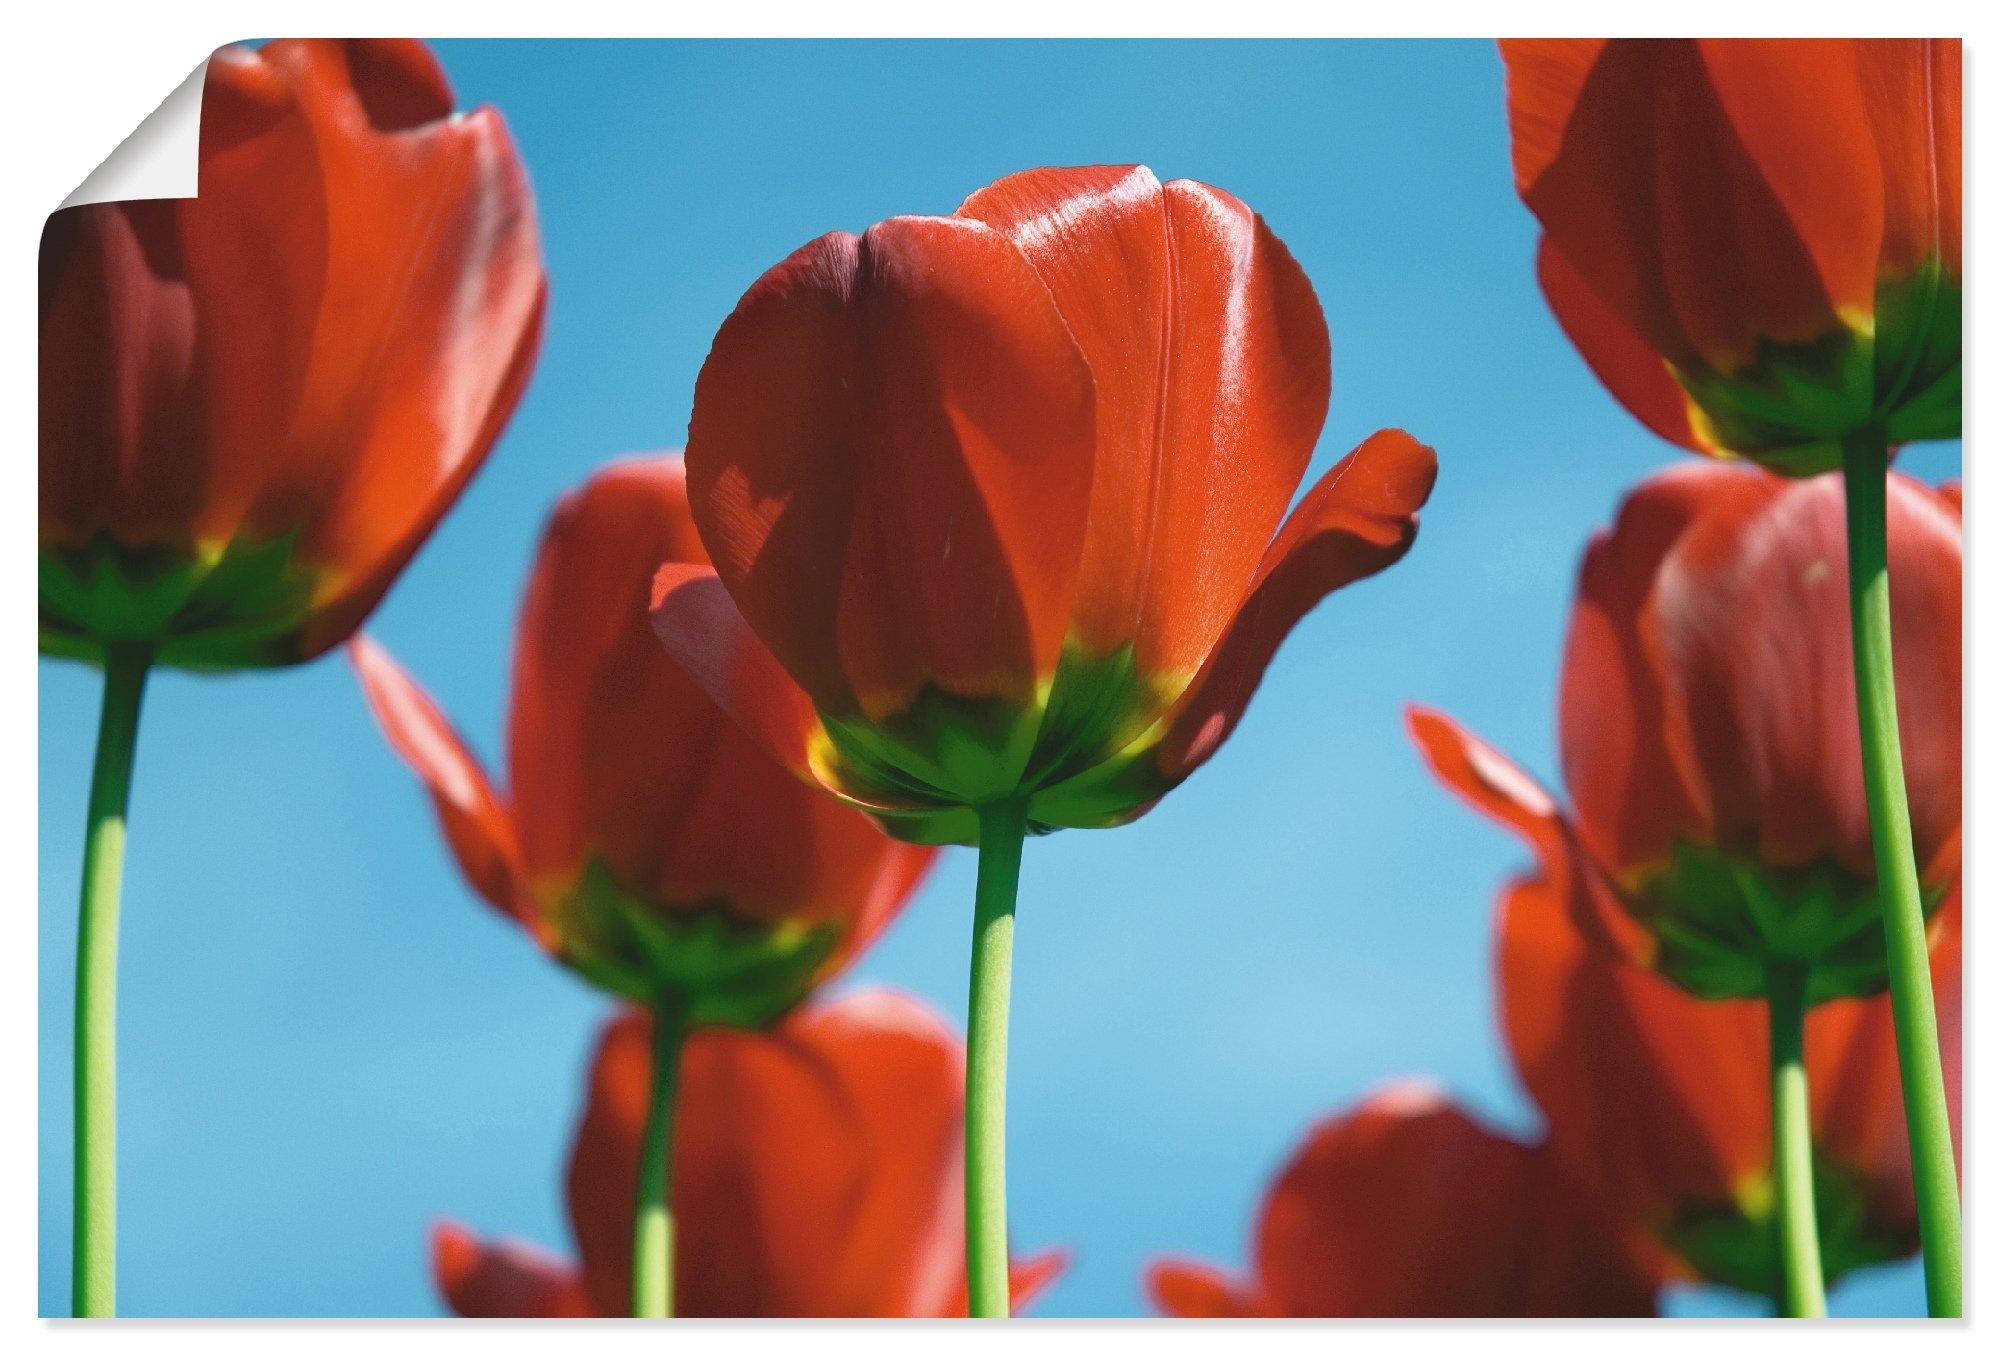 Artland artprint Tulpen in vele afmetingen & productsoorten - artprint van aluminium / artprint voor buiten, artprint op linnen, poster, muursticker / wandfolie ook geschikt voor de badkamer (1 stuk) - verschillende betaalmethodes